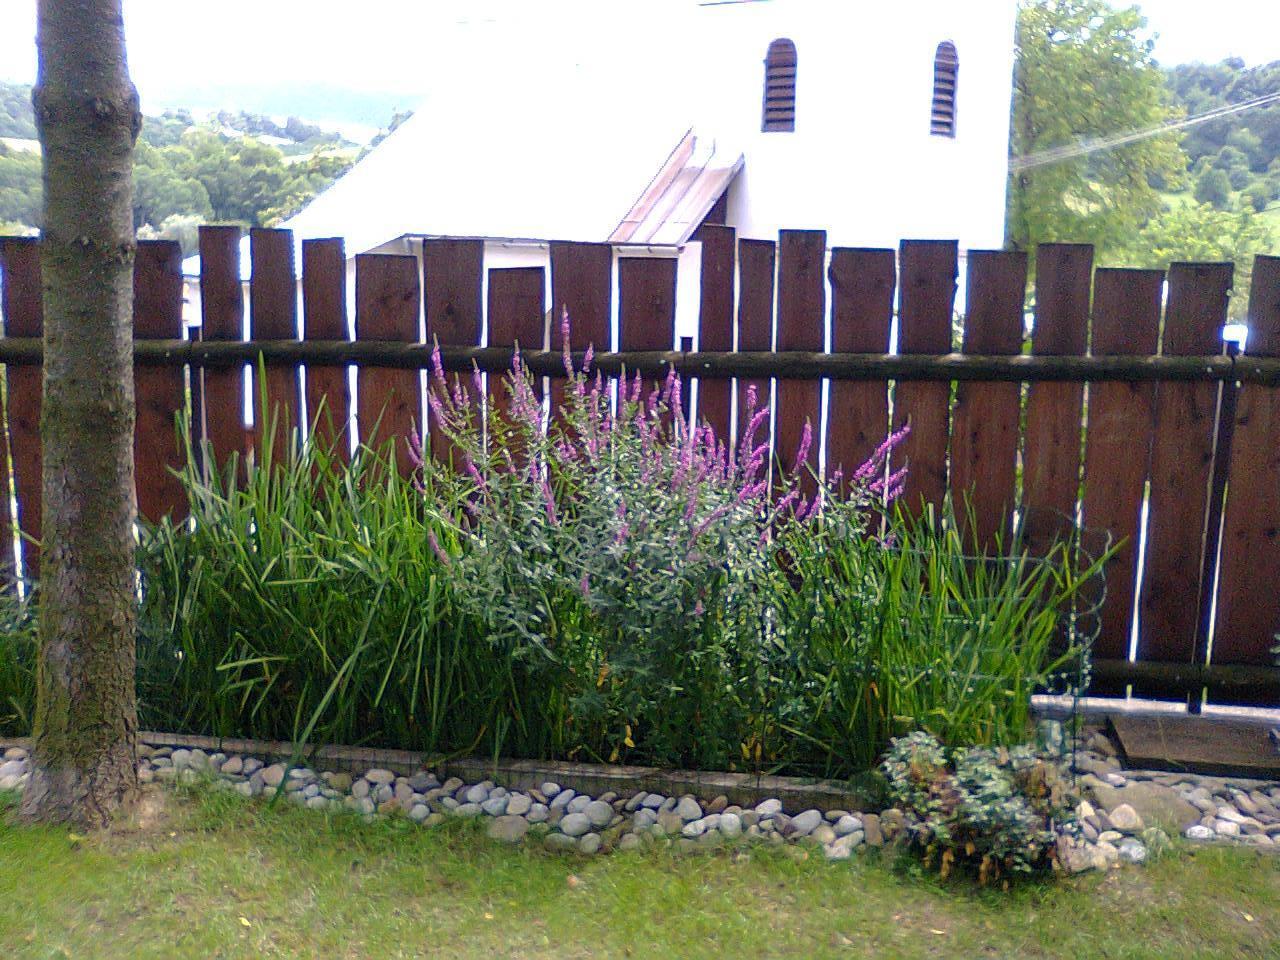 Koreňová čistička pre rodinný dom - koncová zóna s výtokovou šachtou, vrbica v plnom kvete